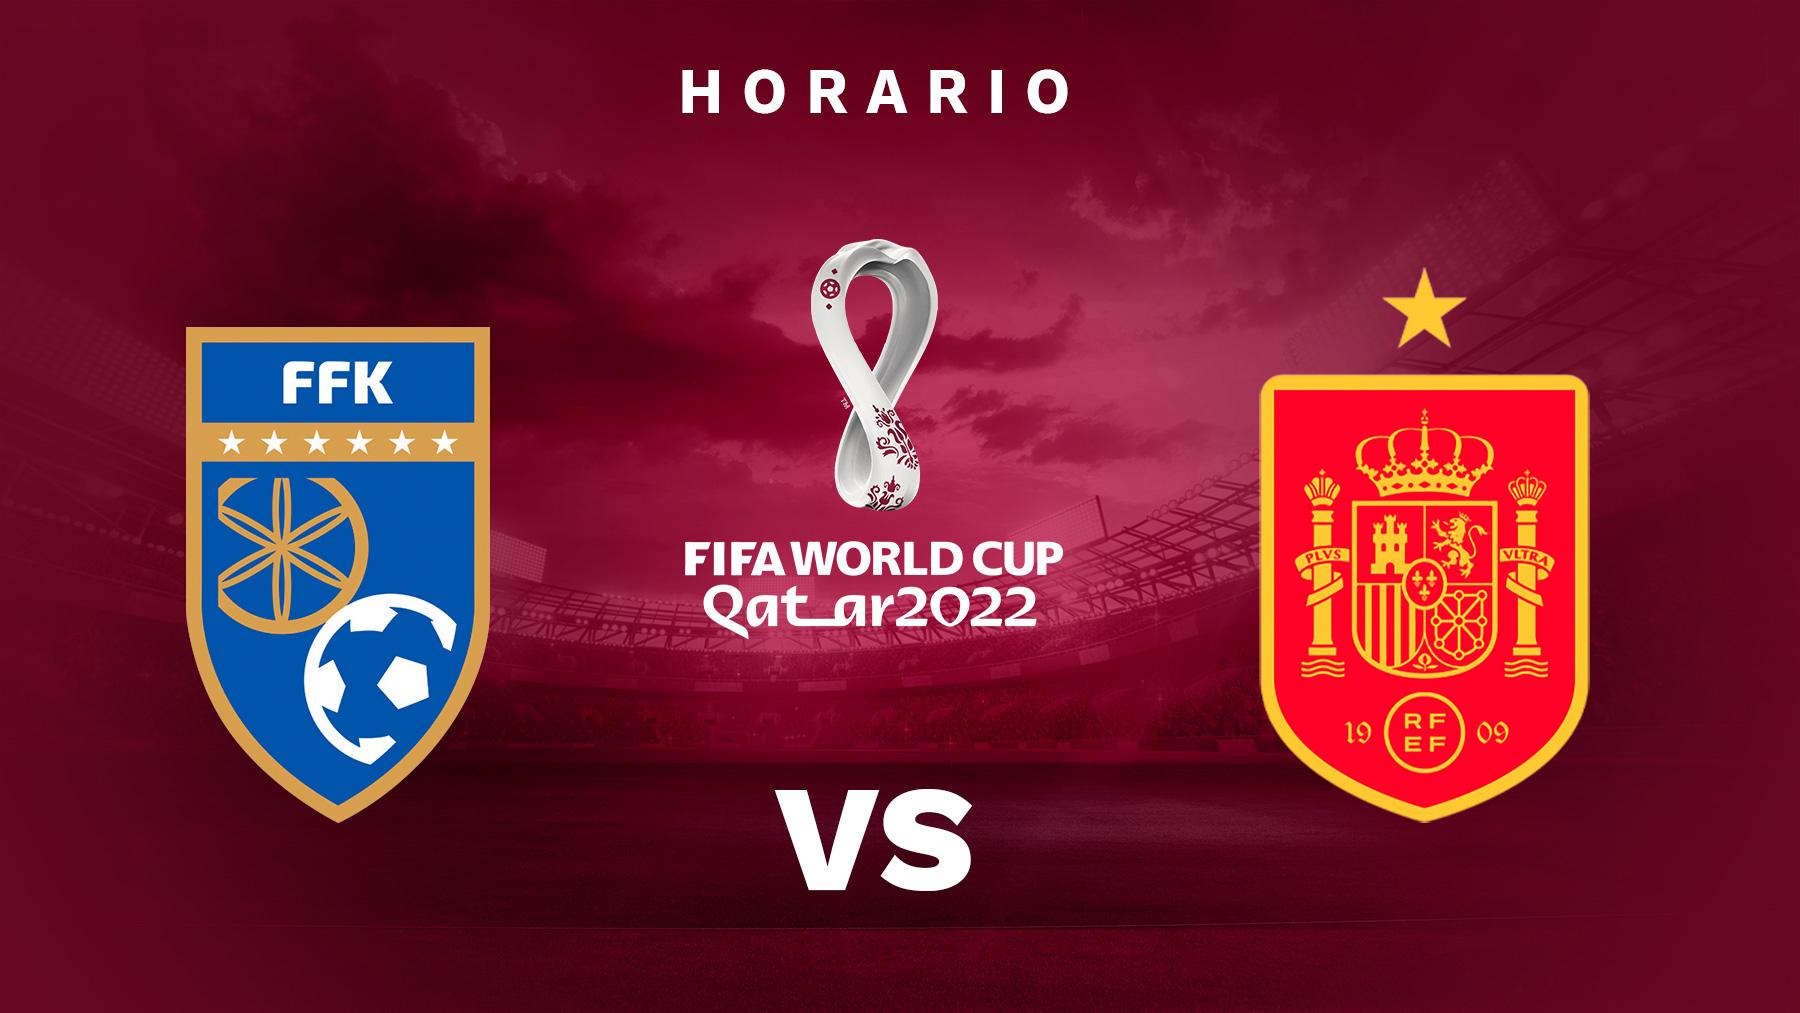 Clasificación Mundial Qatar 2022: Kosovo – España | Horario del partido de fútbol de la clasificación del Mundial de Qatar 2022.